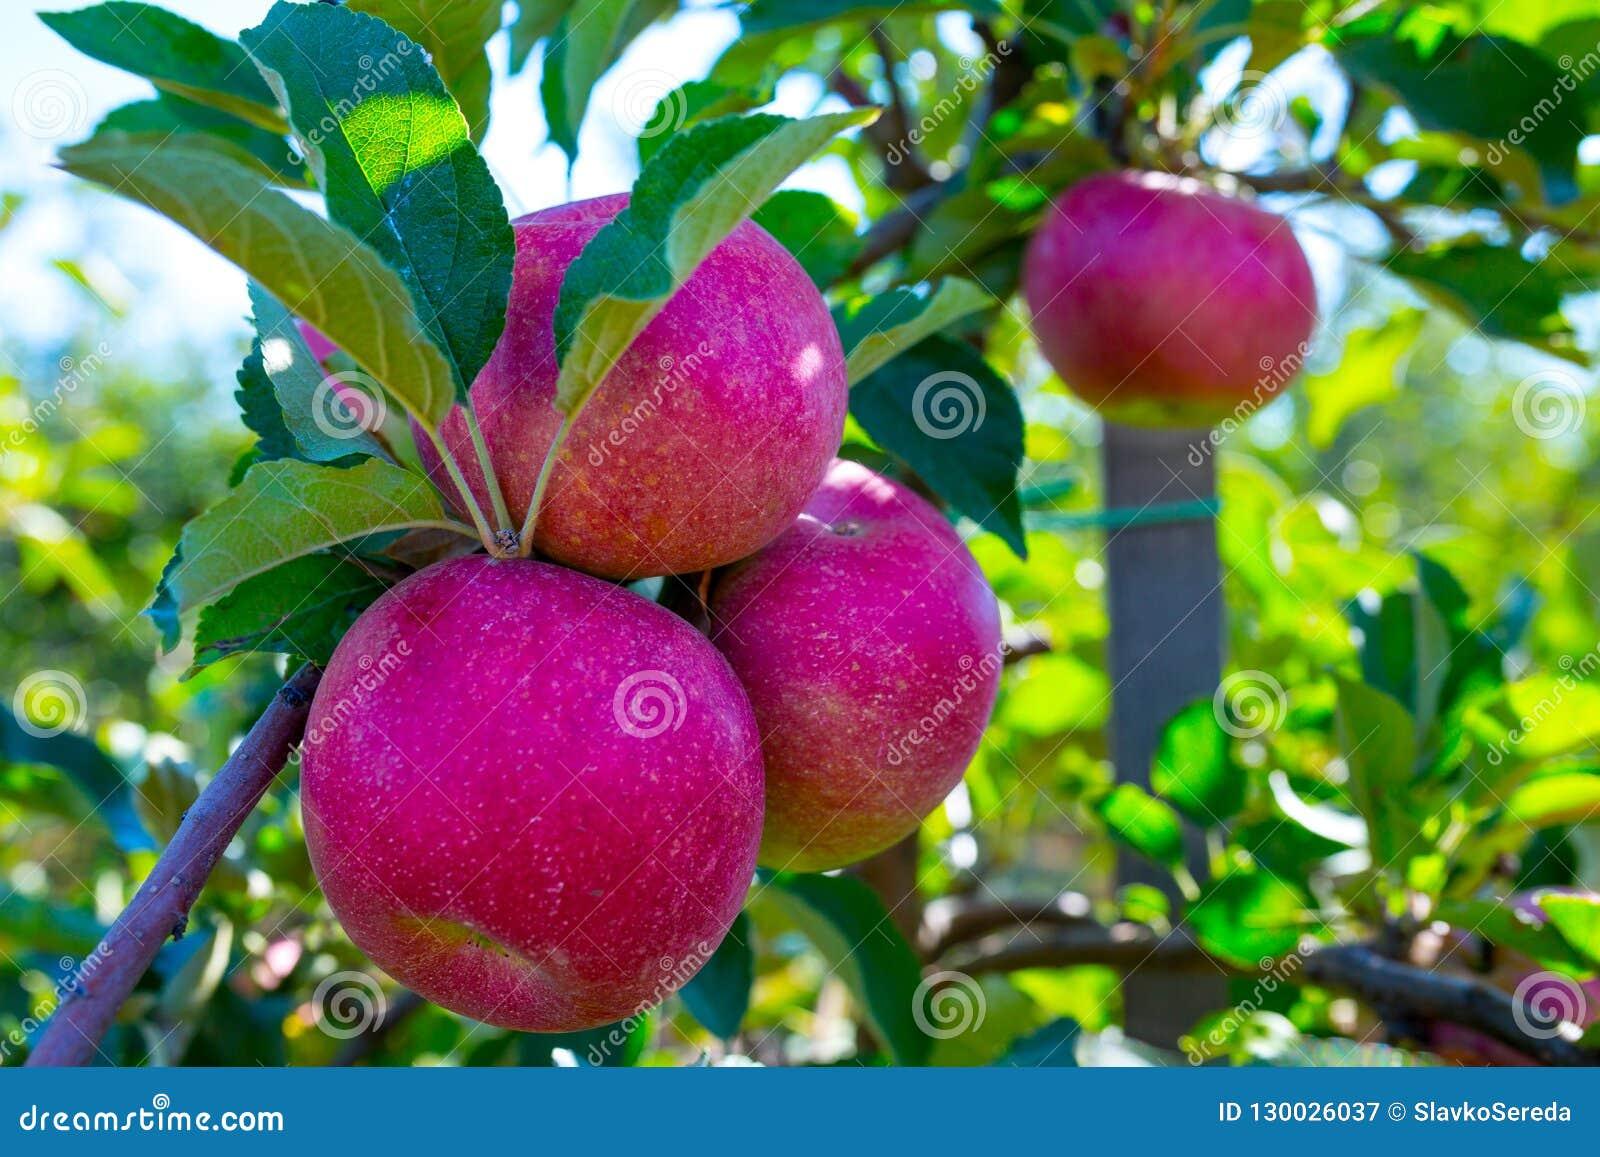 Frutas maduras de manzanas rojas en las ramas de los manzanos jovenes